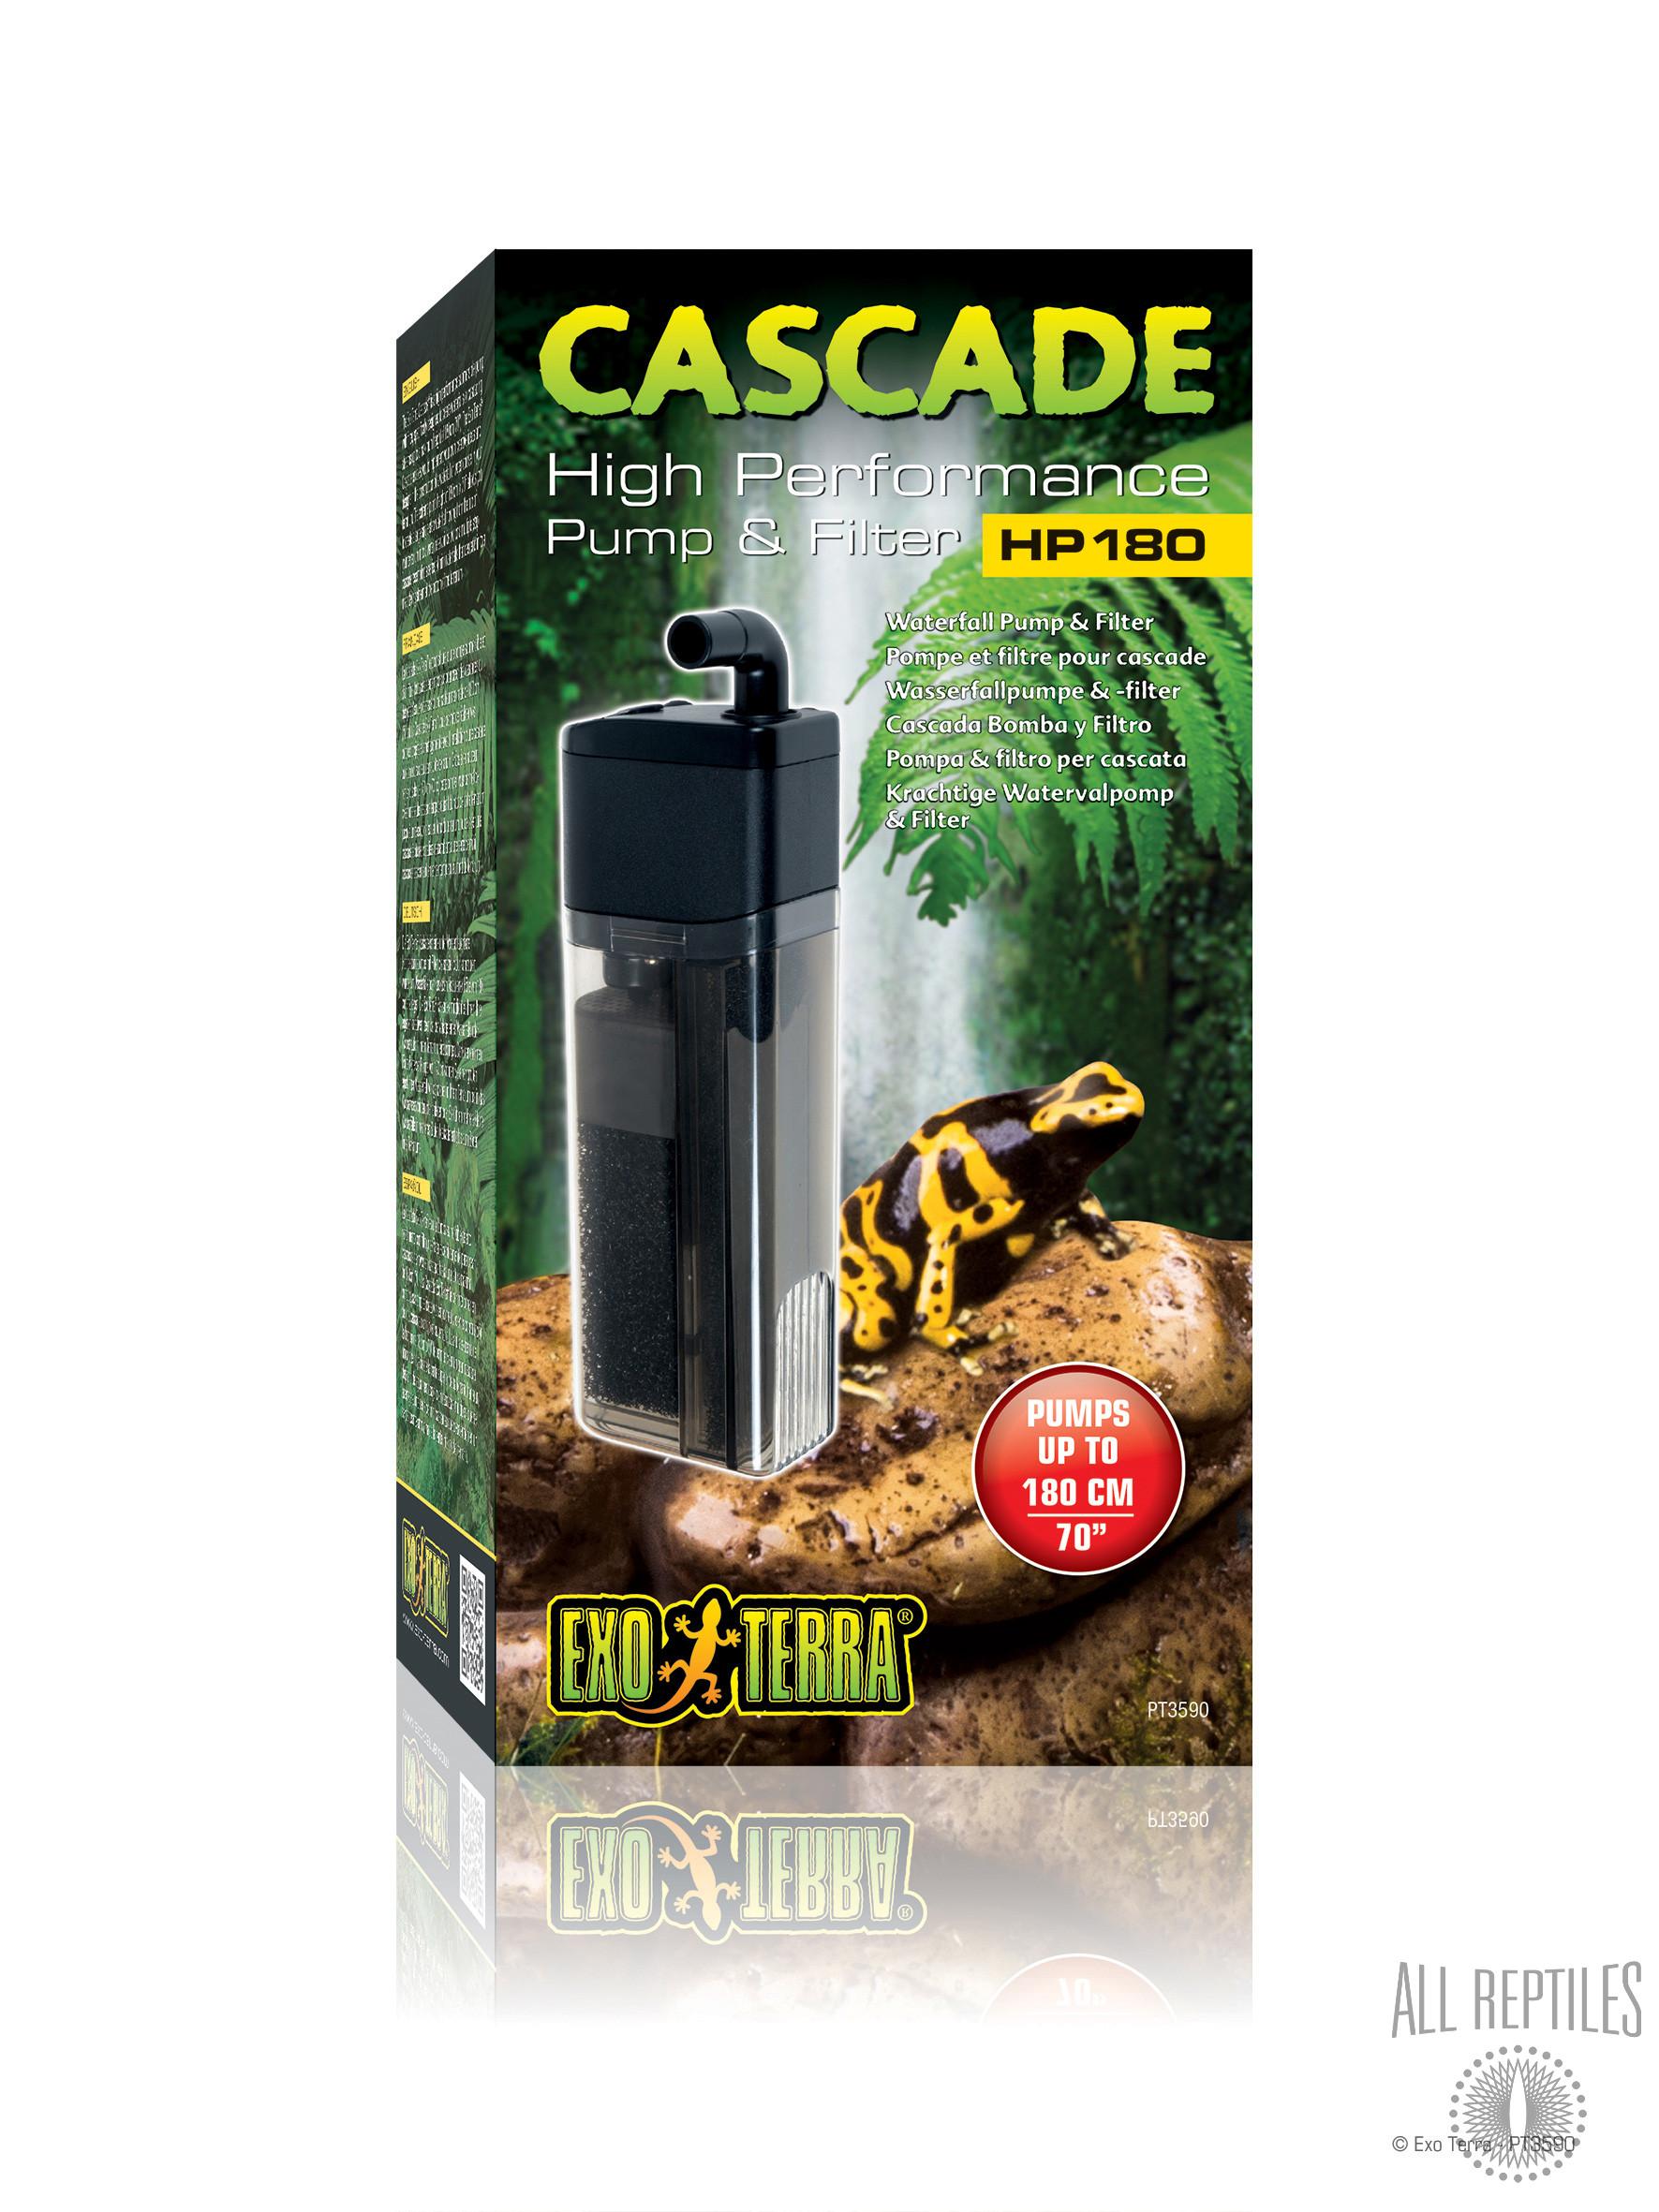 Exo Terra Cascade High Performace Pump